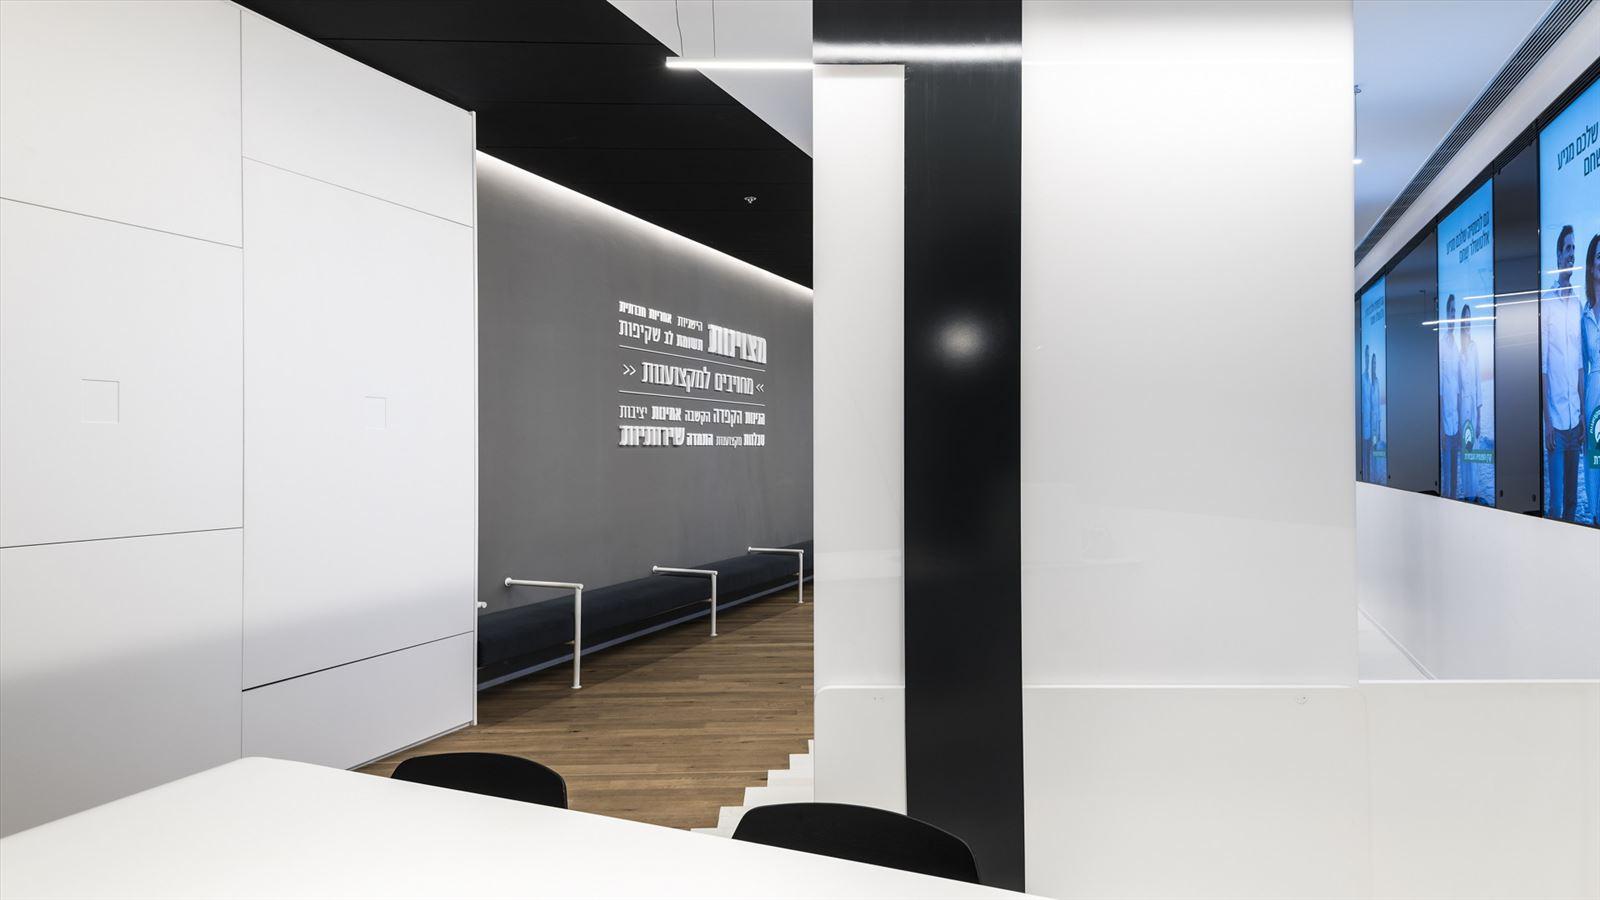 Office lighting project גופי תאורה מרהיבים מבית דורי קמחי